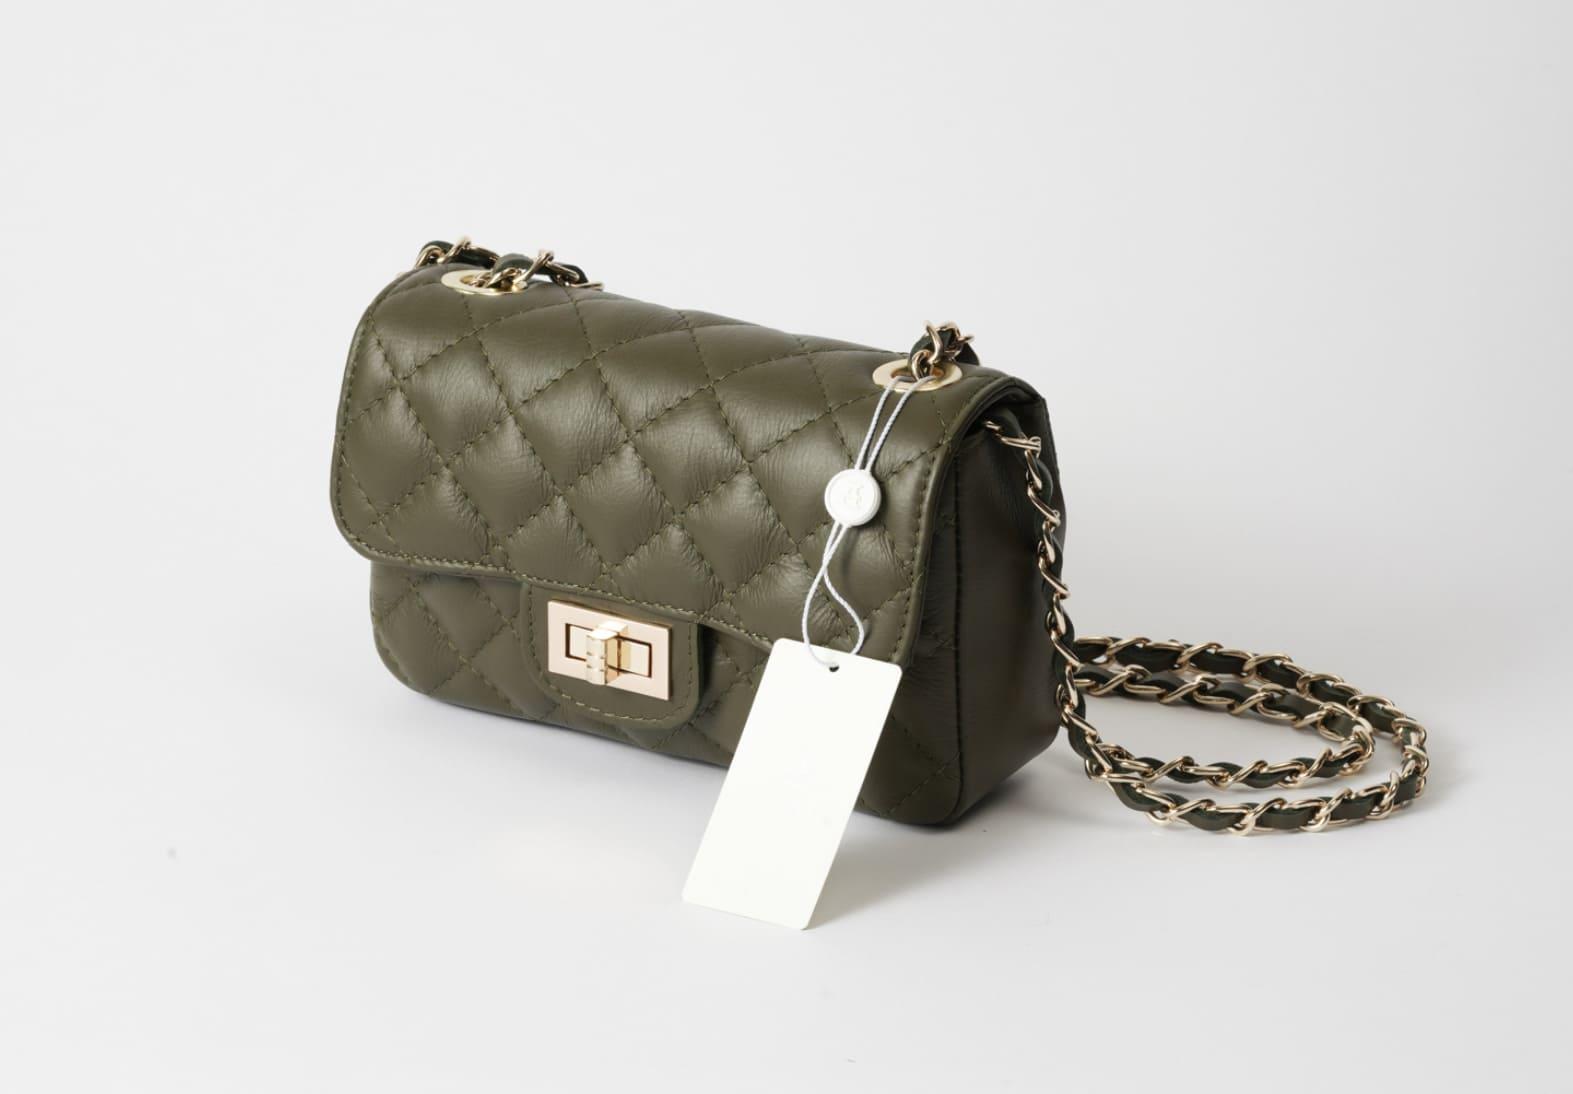 ニュアンスカラーのAULENTTIのバッグをセムインターナショナルが輸入して販売